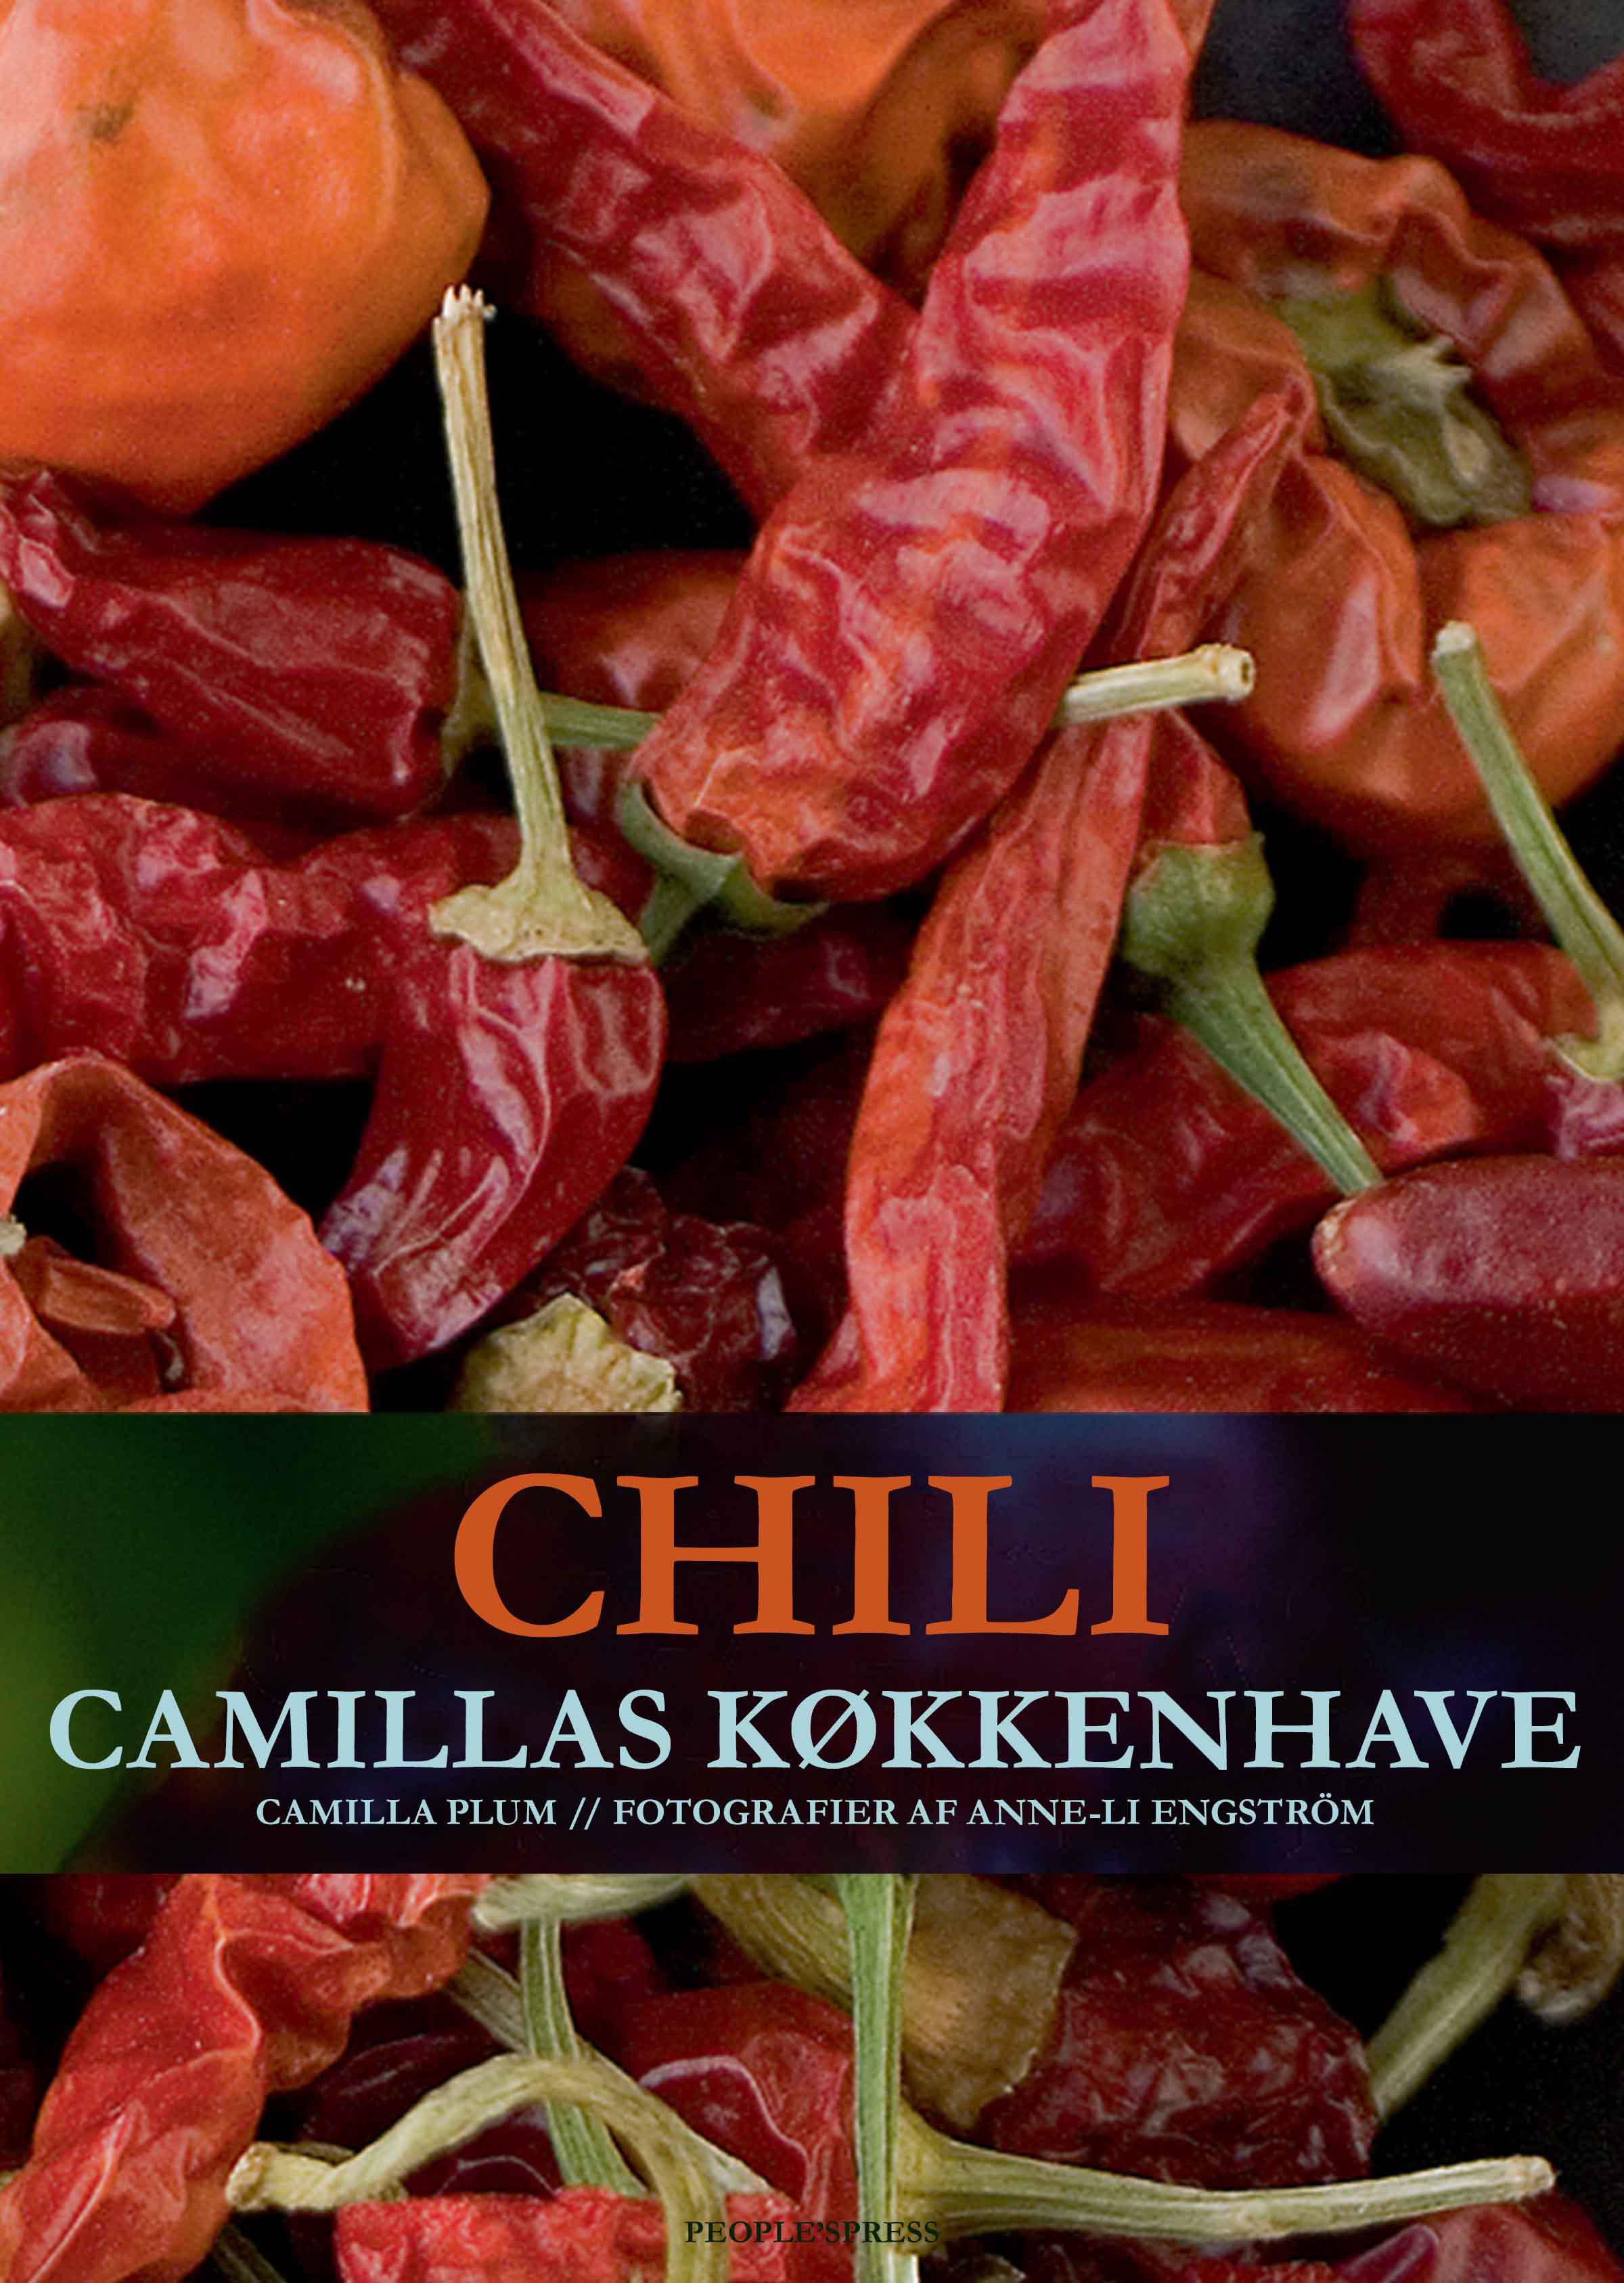 N/A Chili - camillas køkkenhave - e-bog fra bog & mystik